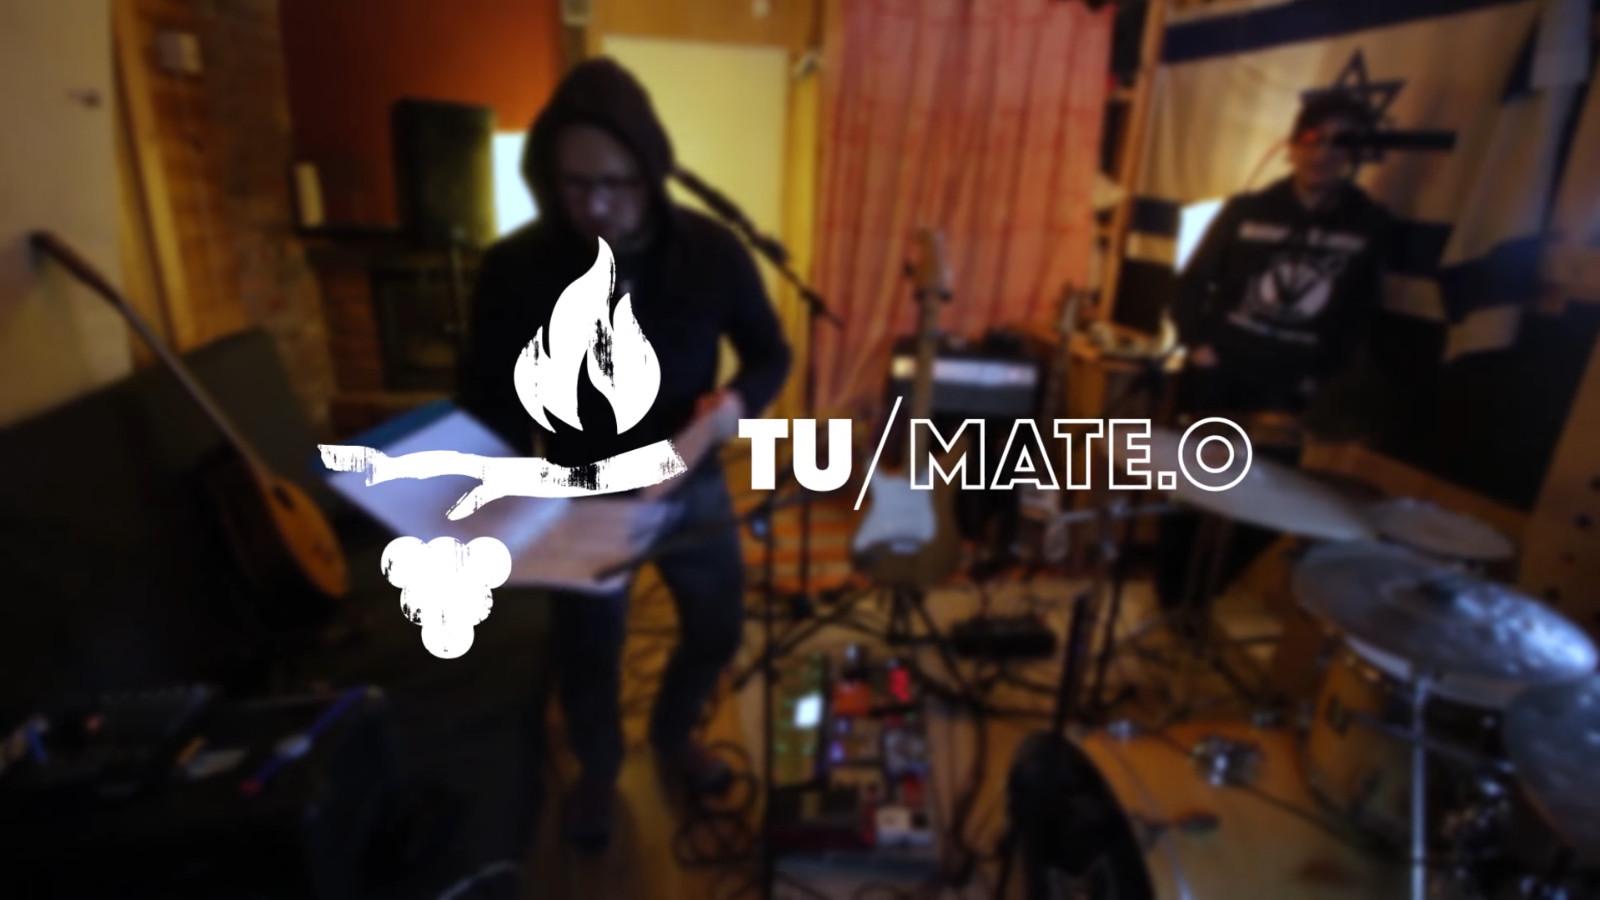 Mate.O / TU - Totalne Uwielbienie